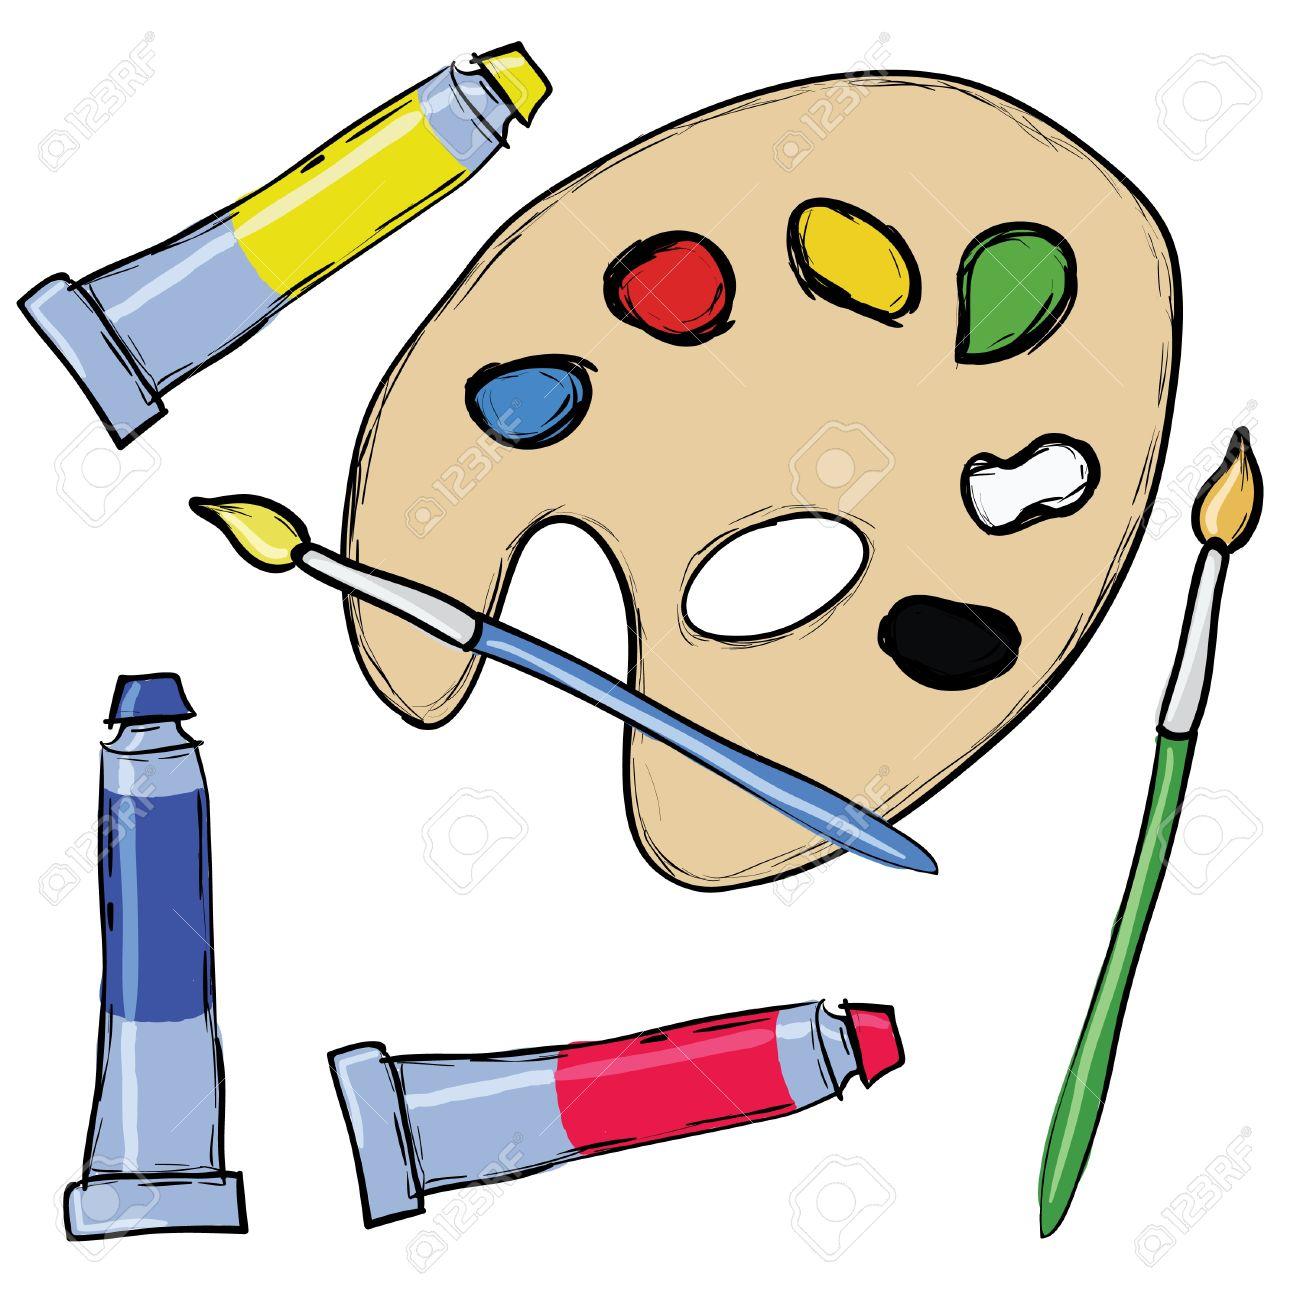 Paint set clipart.